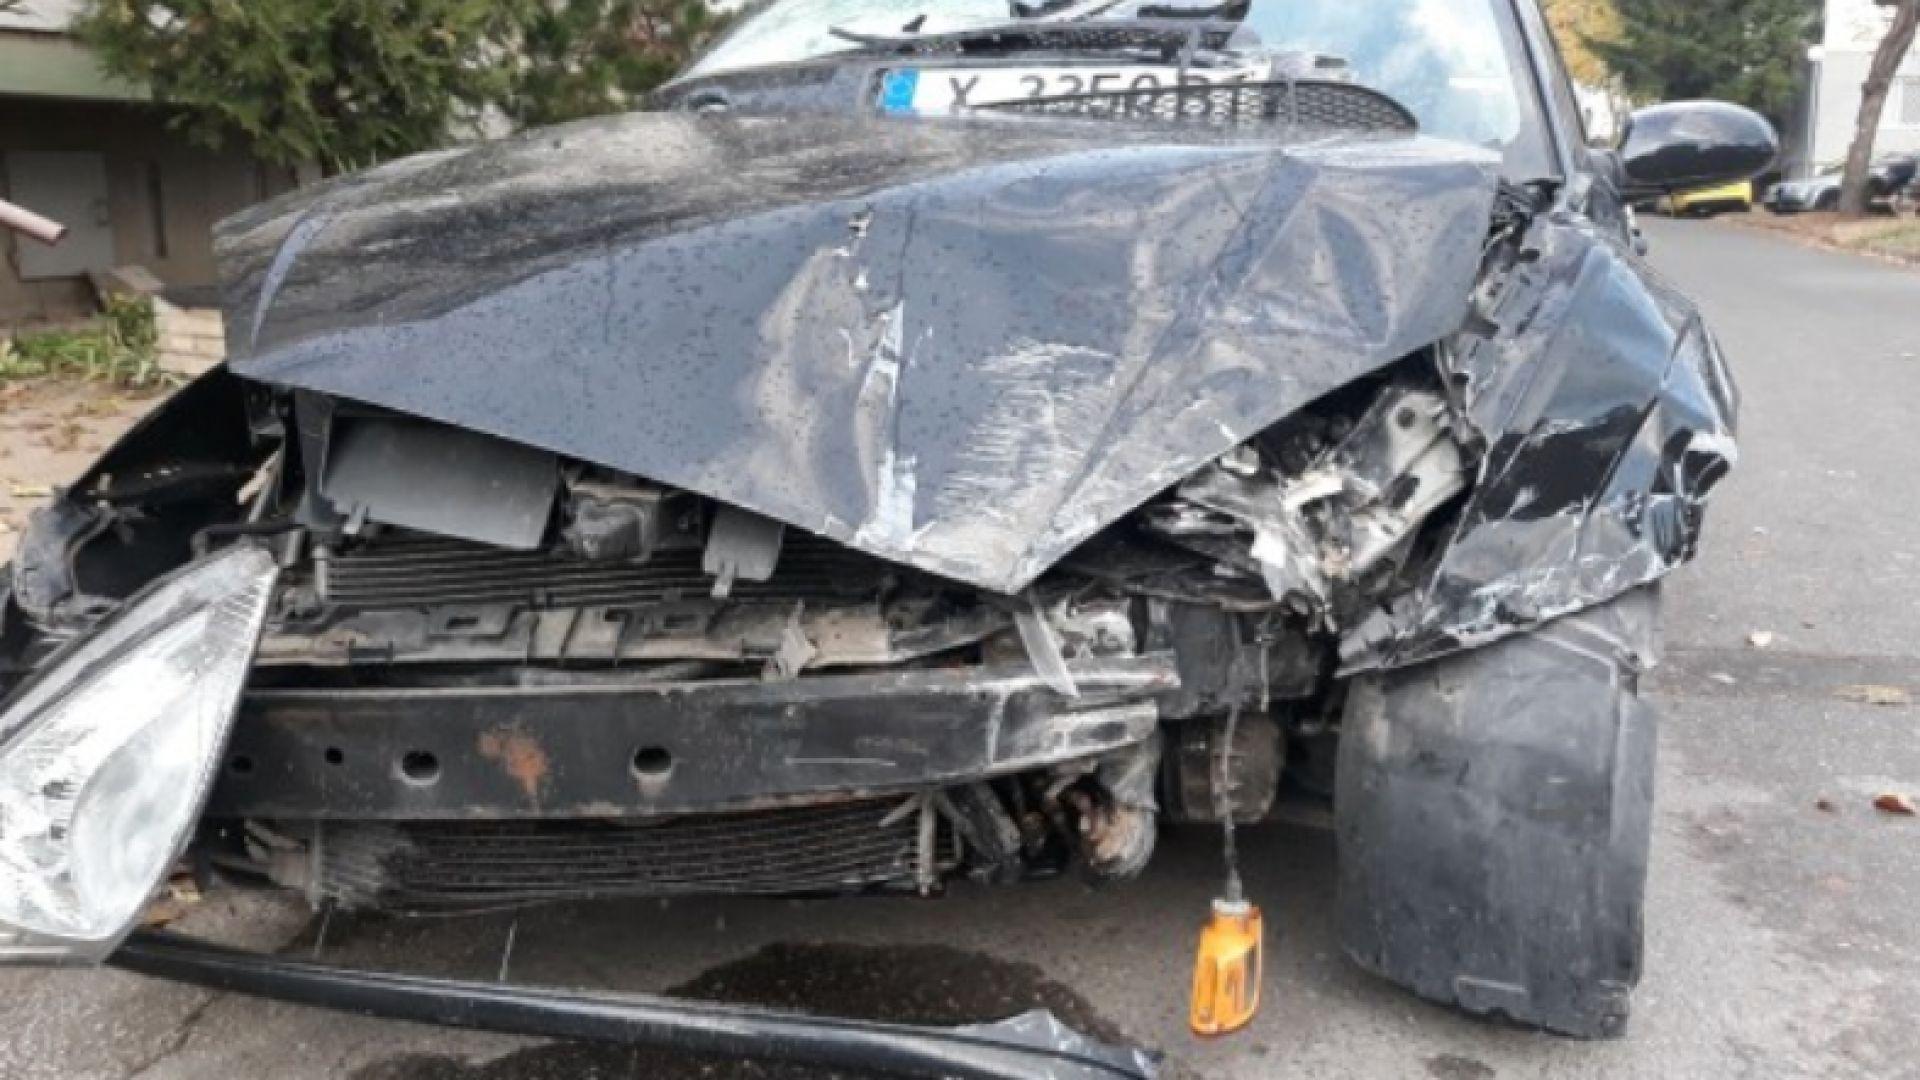 Жена катастрофира, забивайки се с автомобила си в квартален магазин